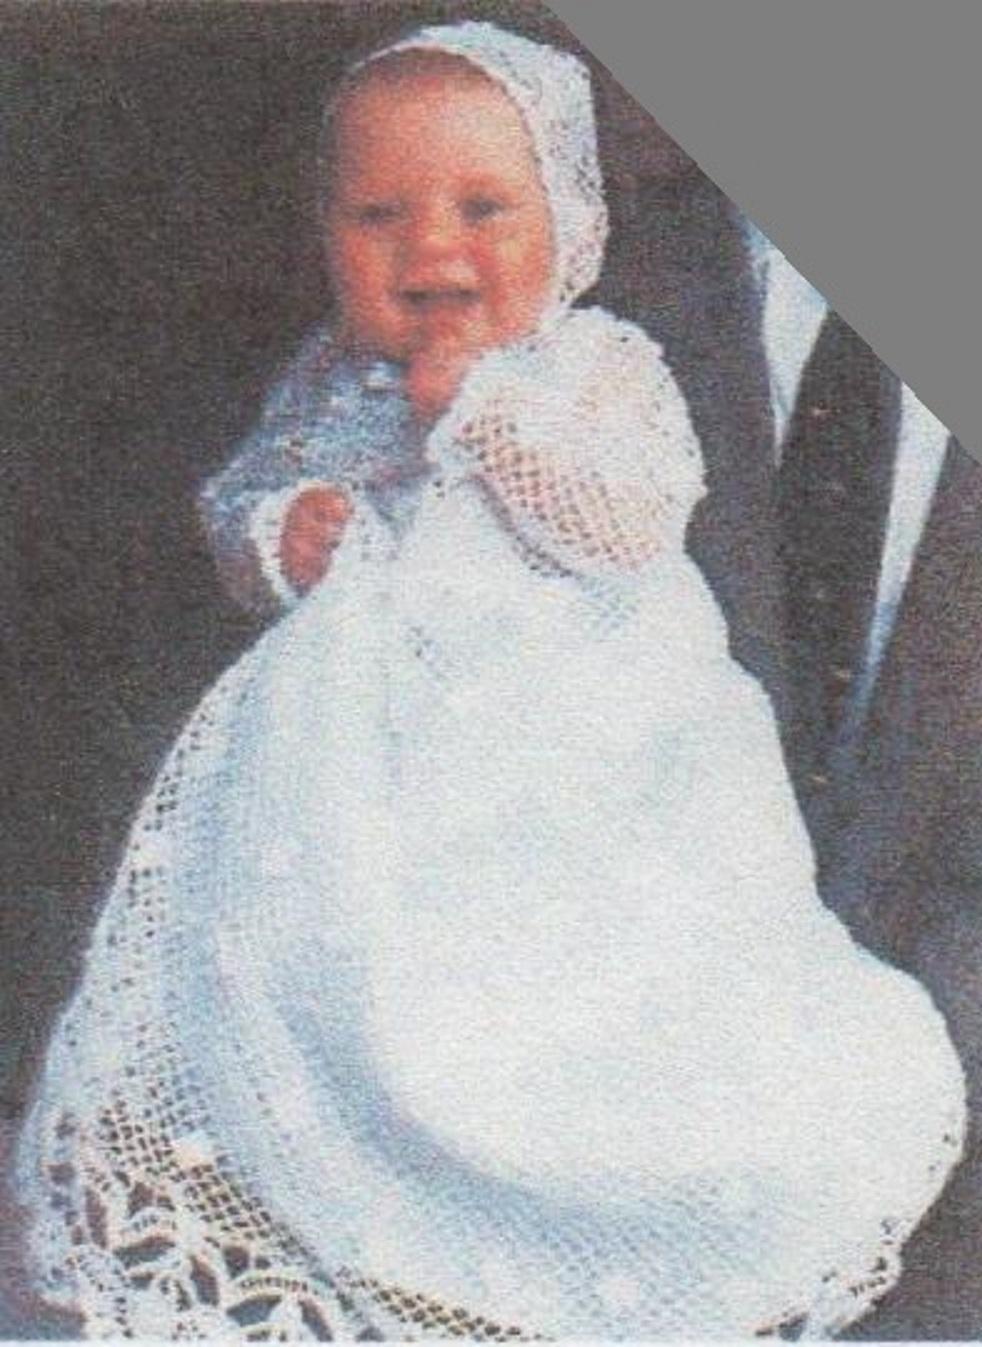 C'est une robe doublée en satin blanc